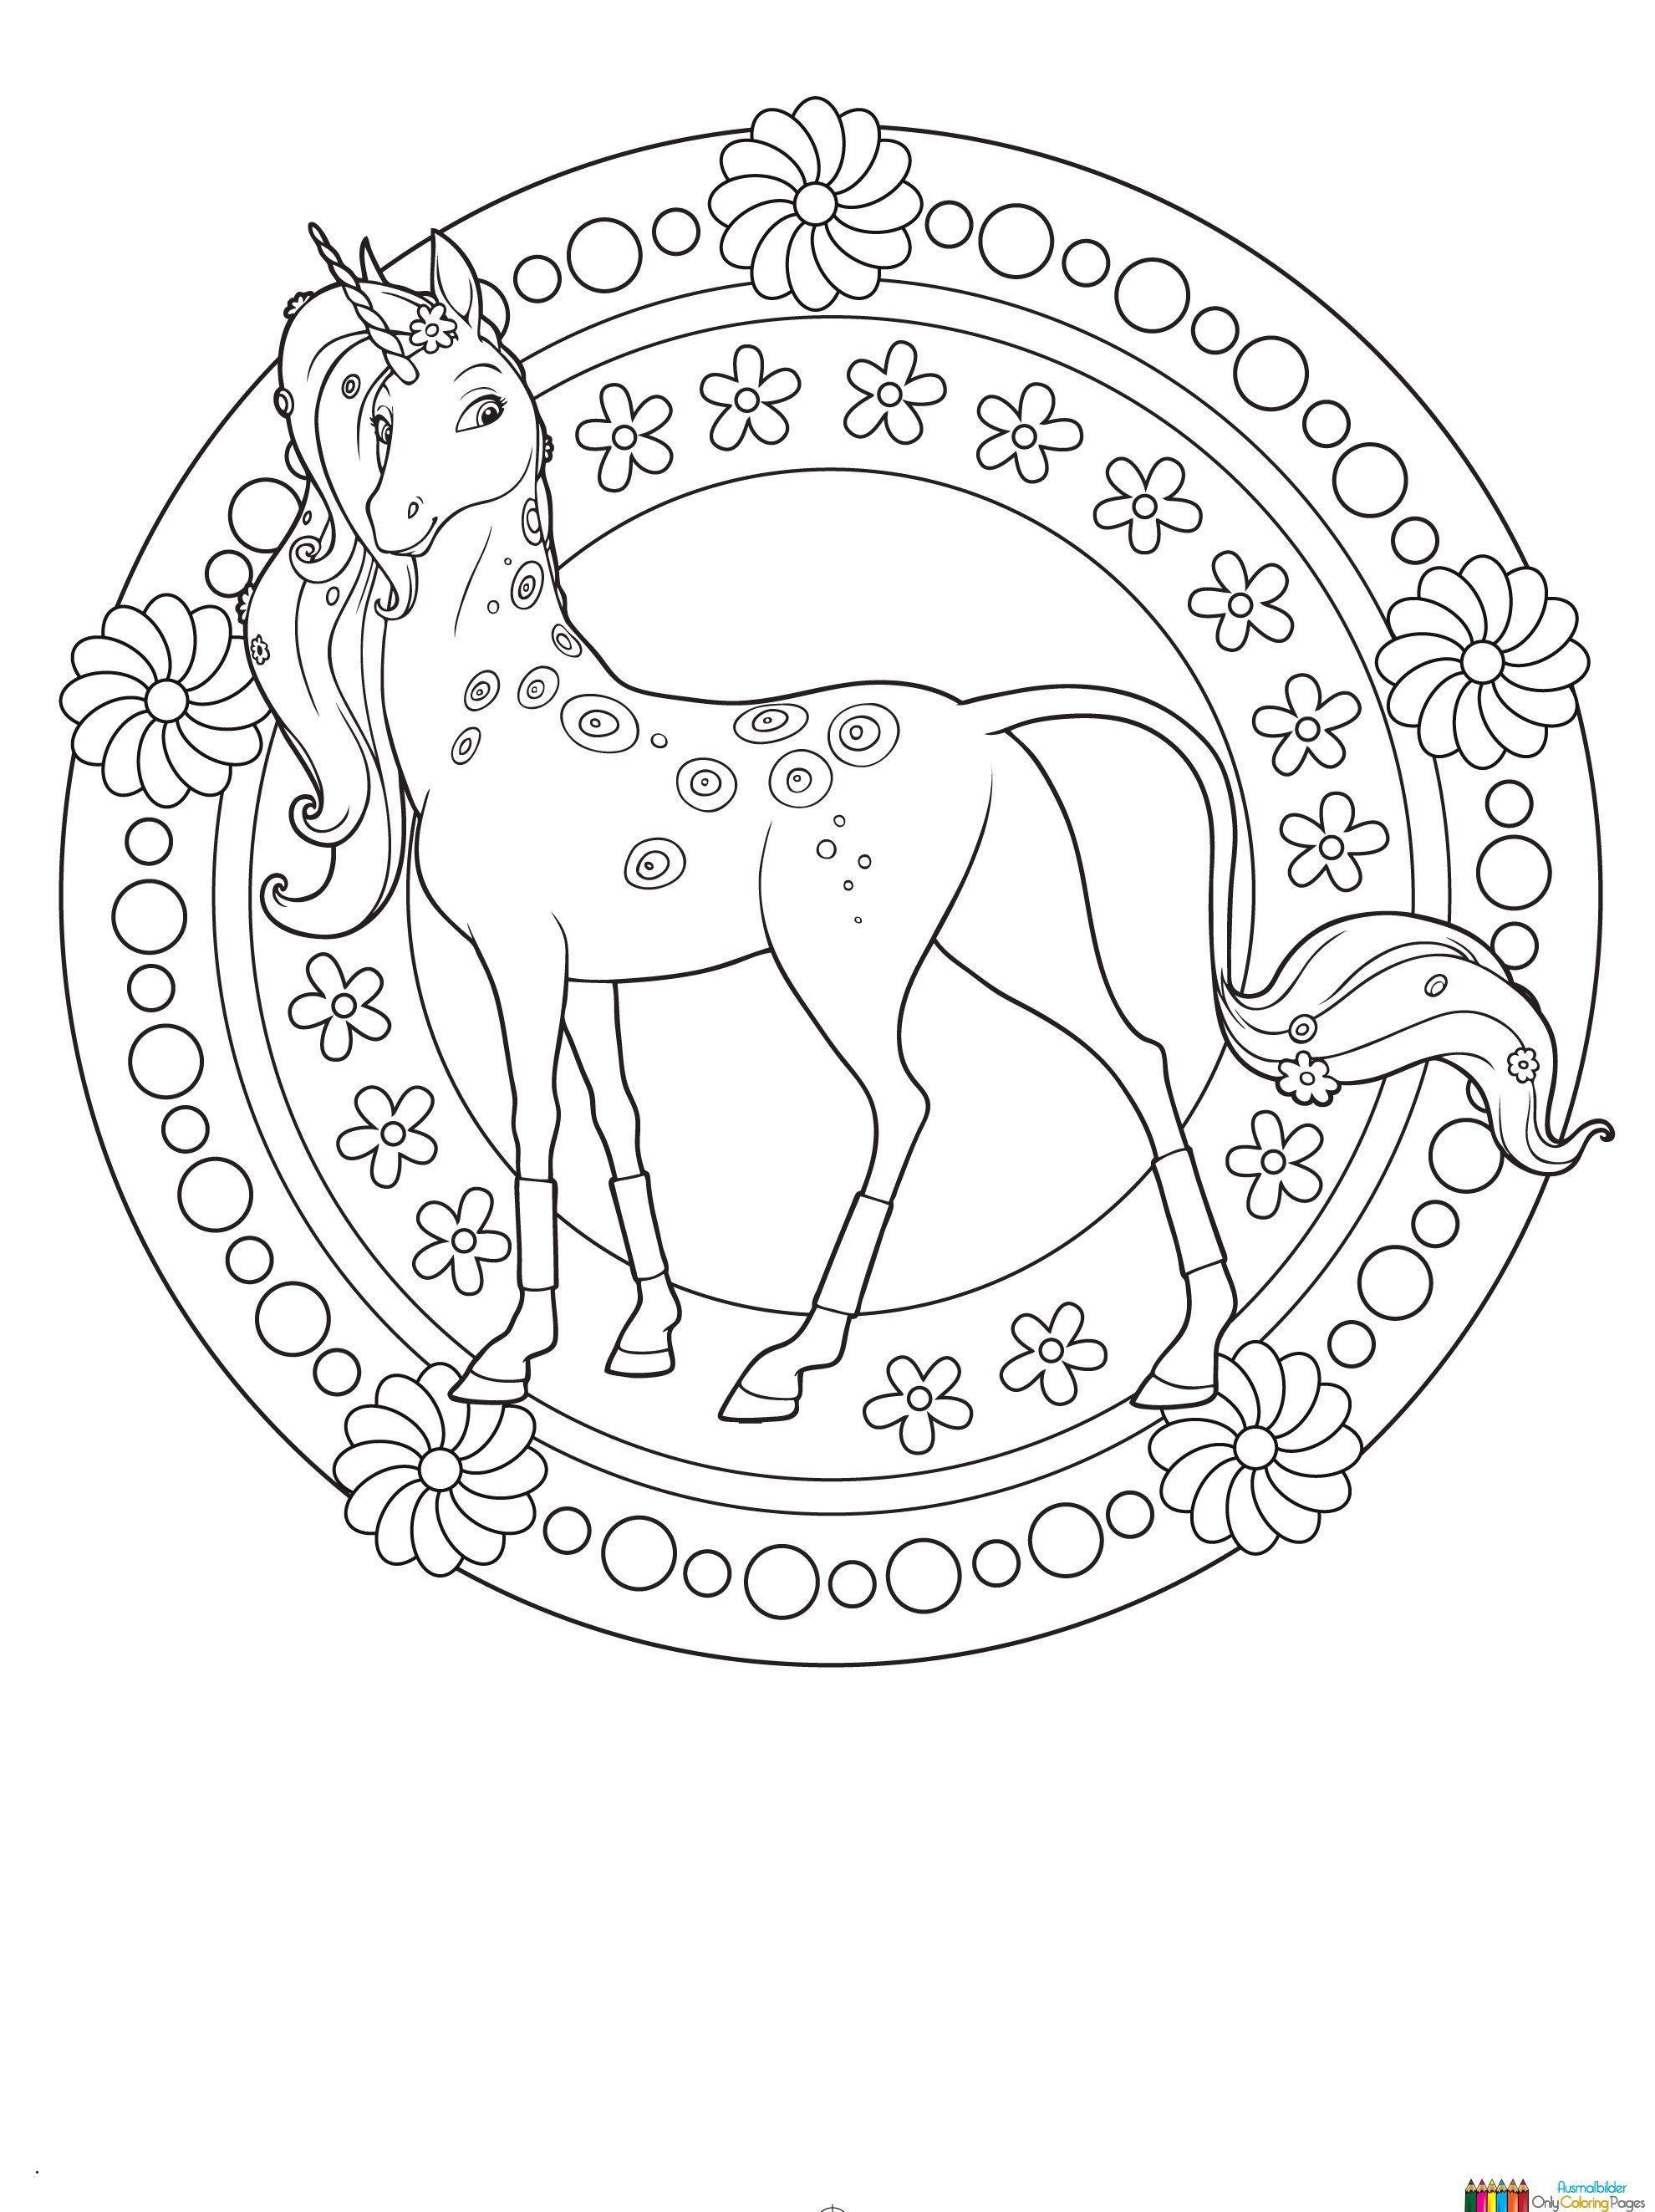 Hogwarts Wappen Zum Ausdrucken Einzigartig Ausmalbilder Bilder Uploadertalk Einzigartig Harry Potter Hogwarts Sammlung